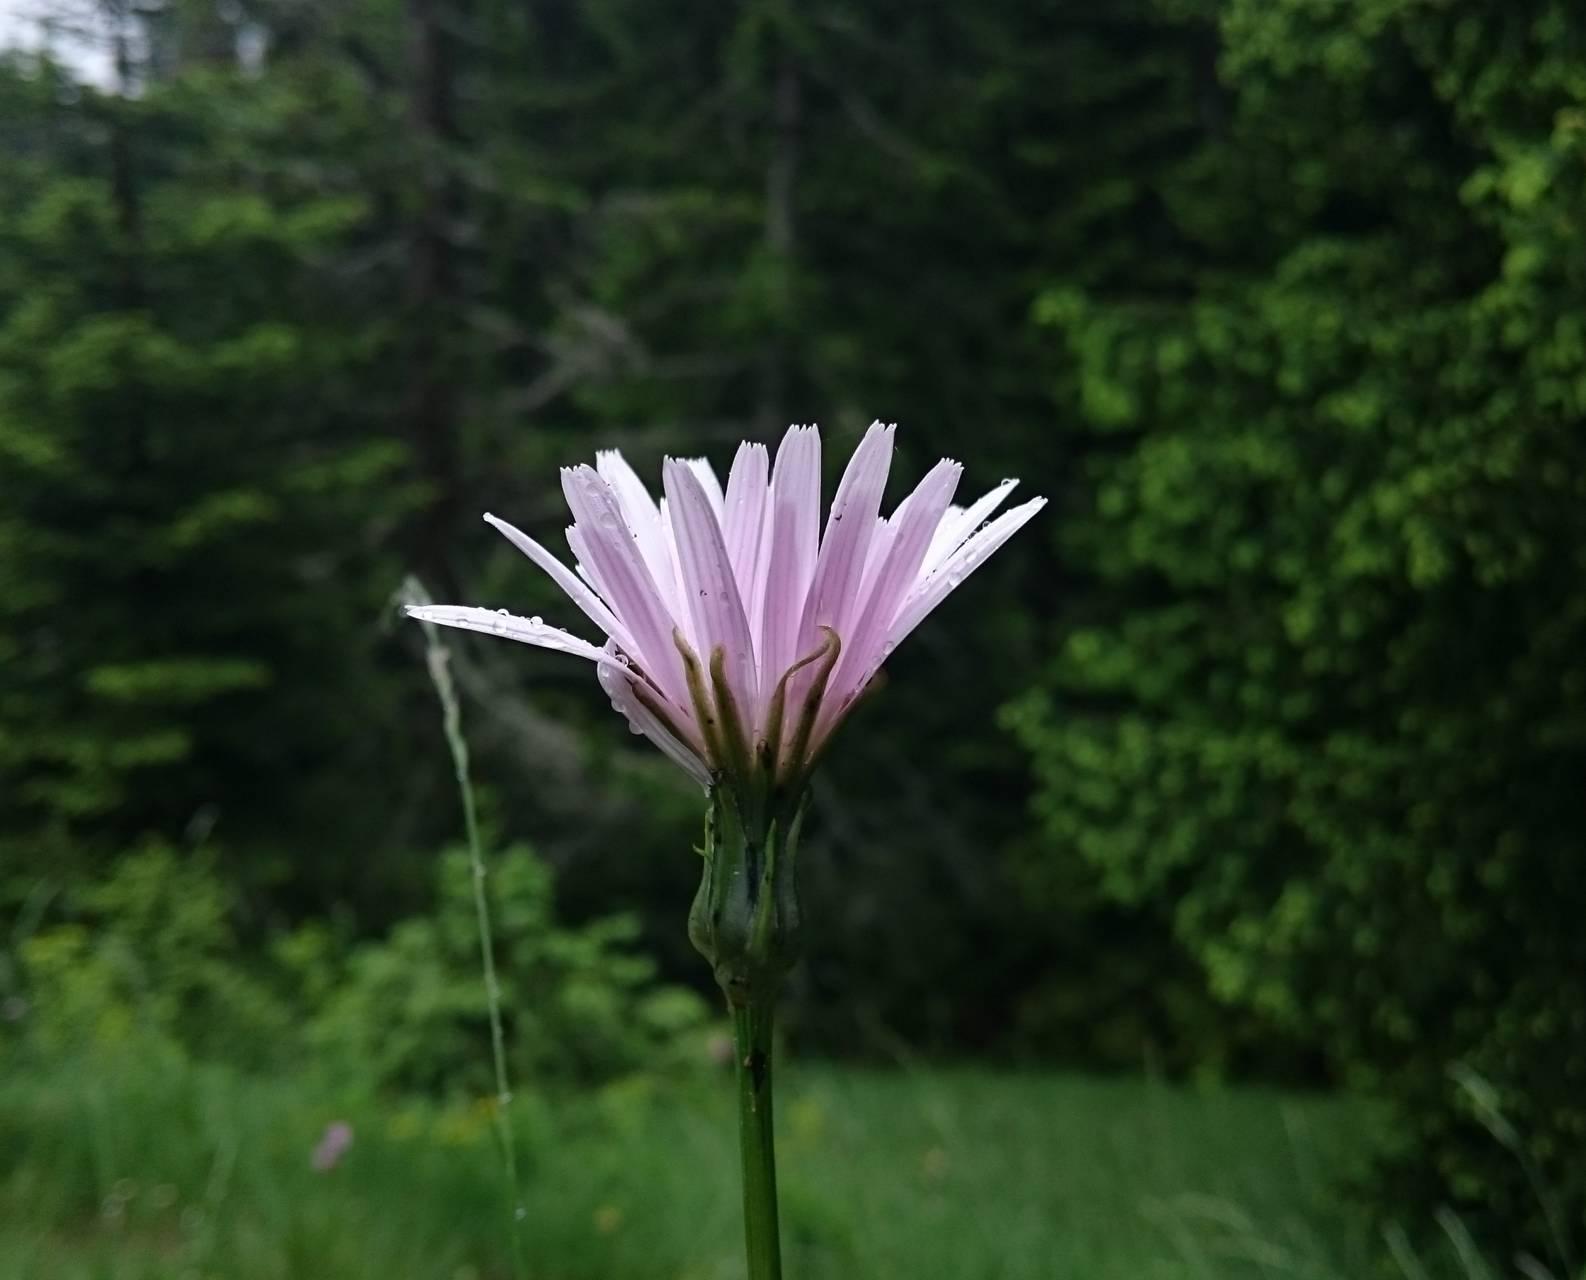 Pink-white flower